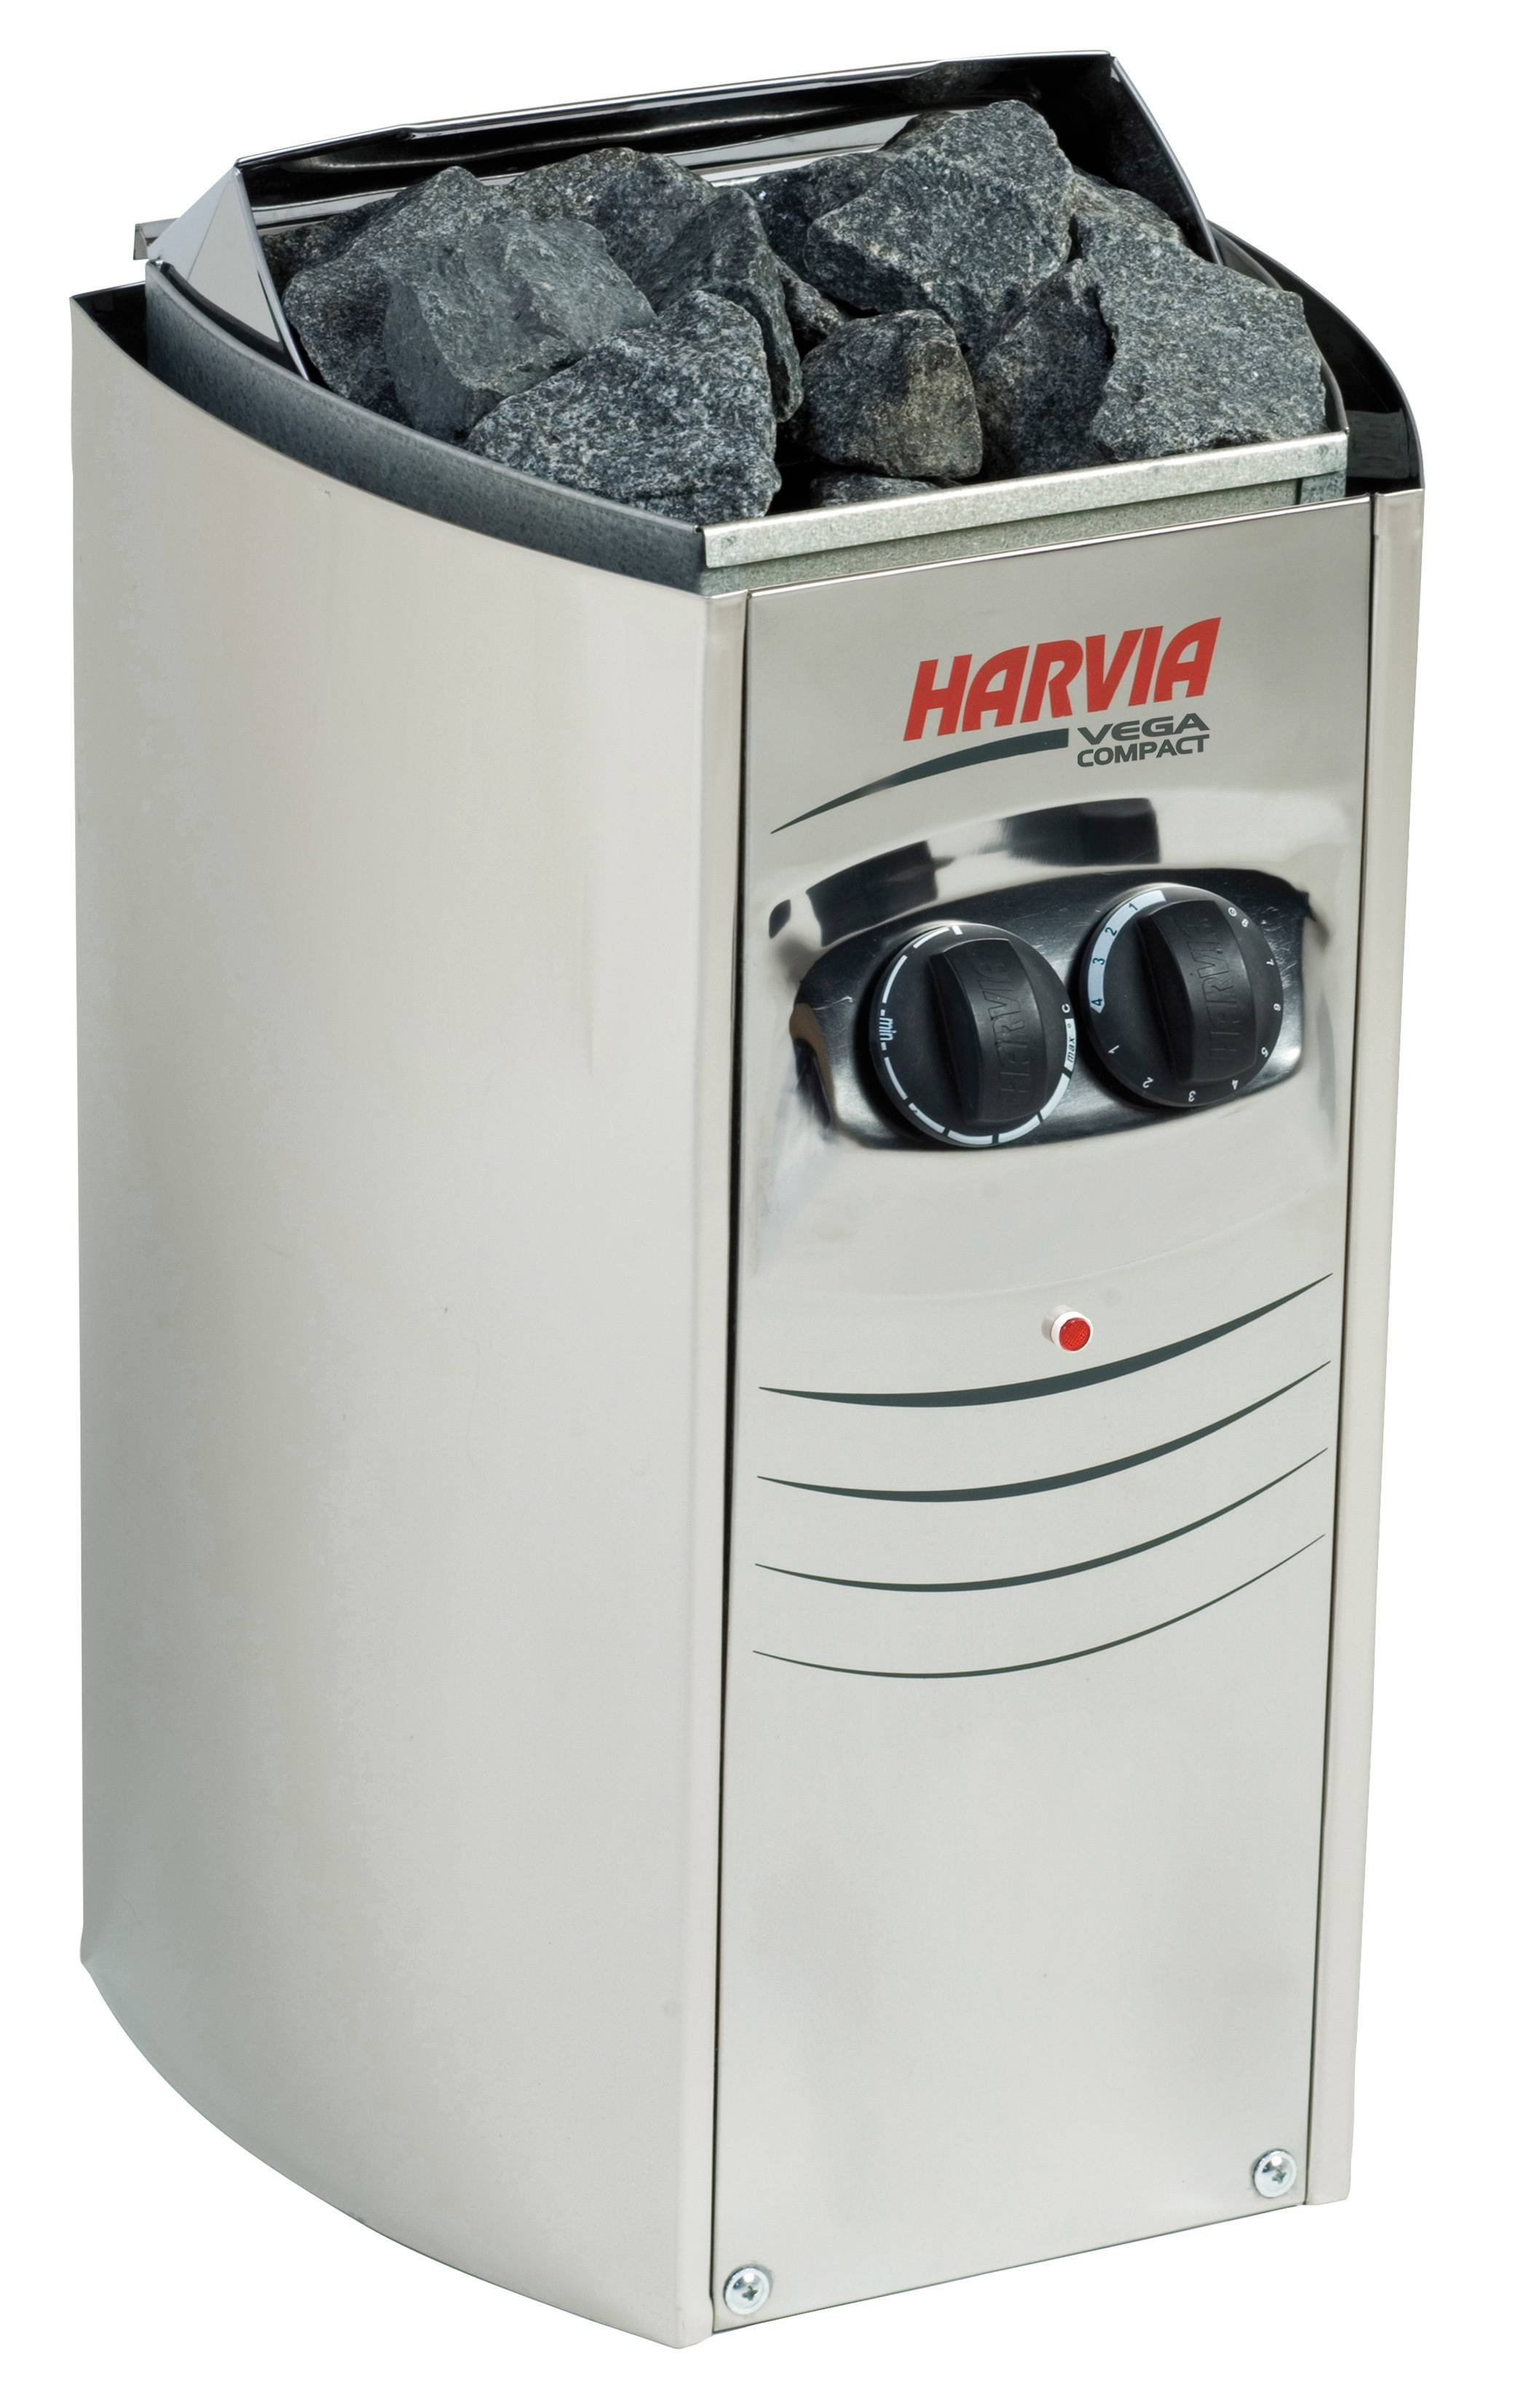 HARVIA Poêle électrique Harvia Vega Compact 3,5 kW